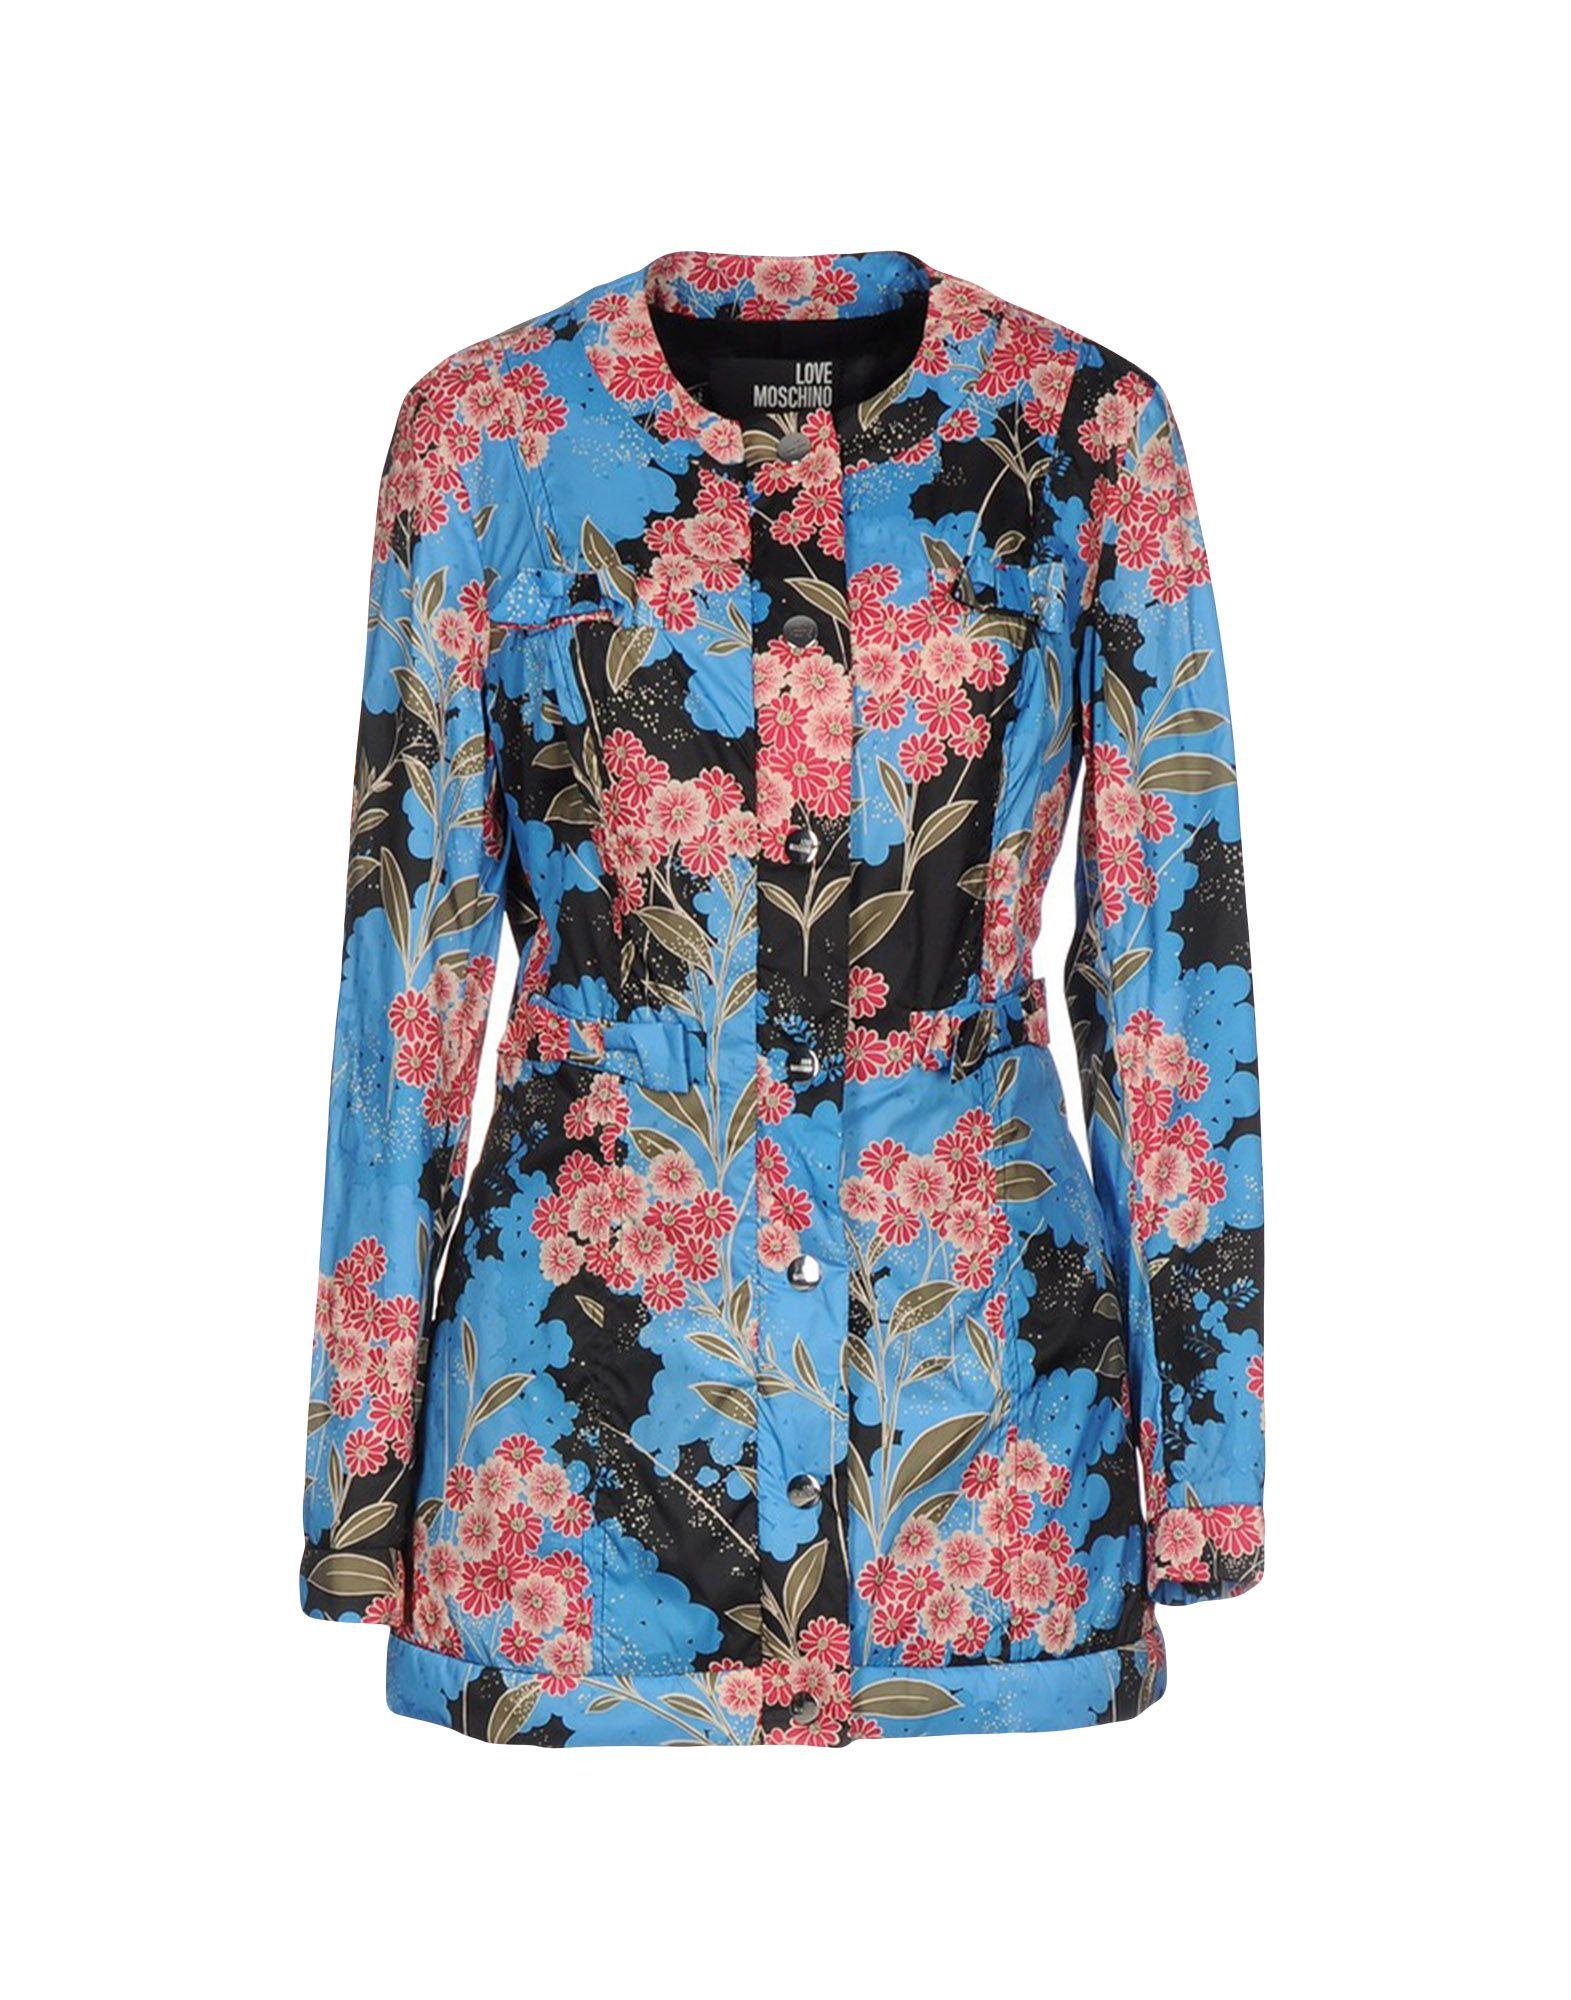 LOVE MOSCHINO Damen Lange Jacke Farbe Azurblau Größe 4 - broschei